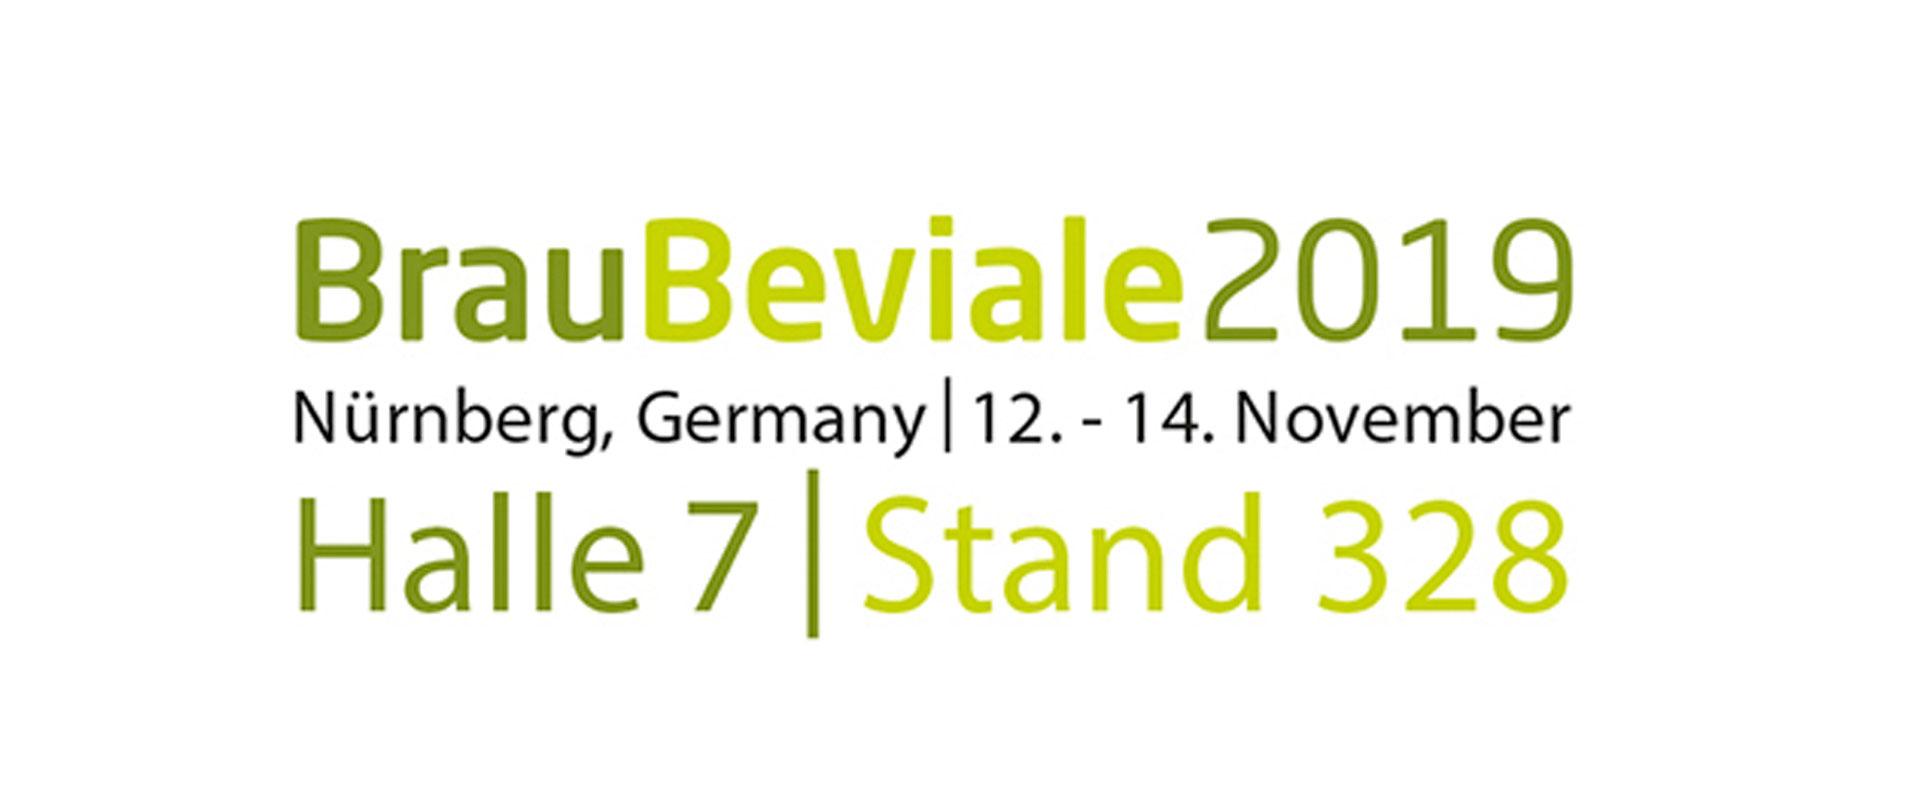 logo braubewiale 2019